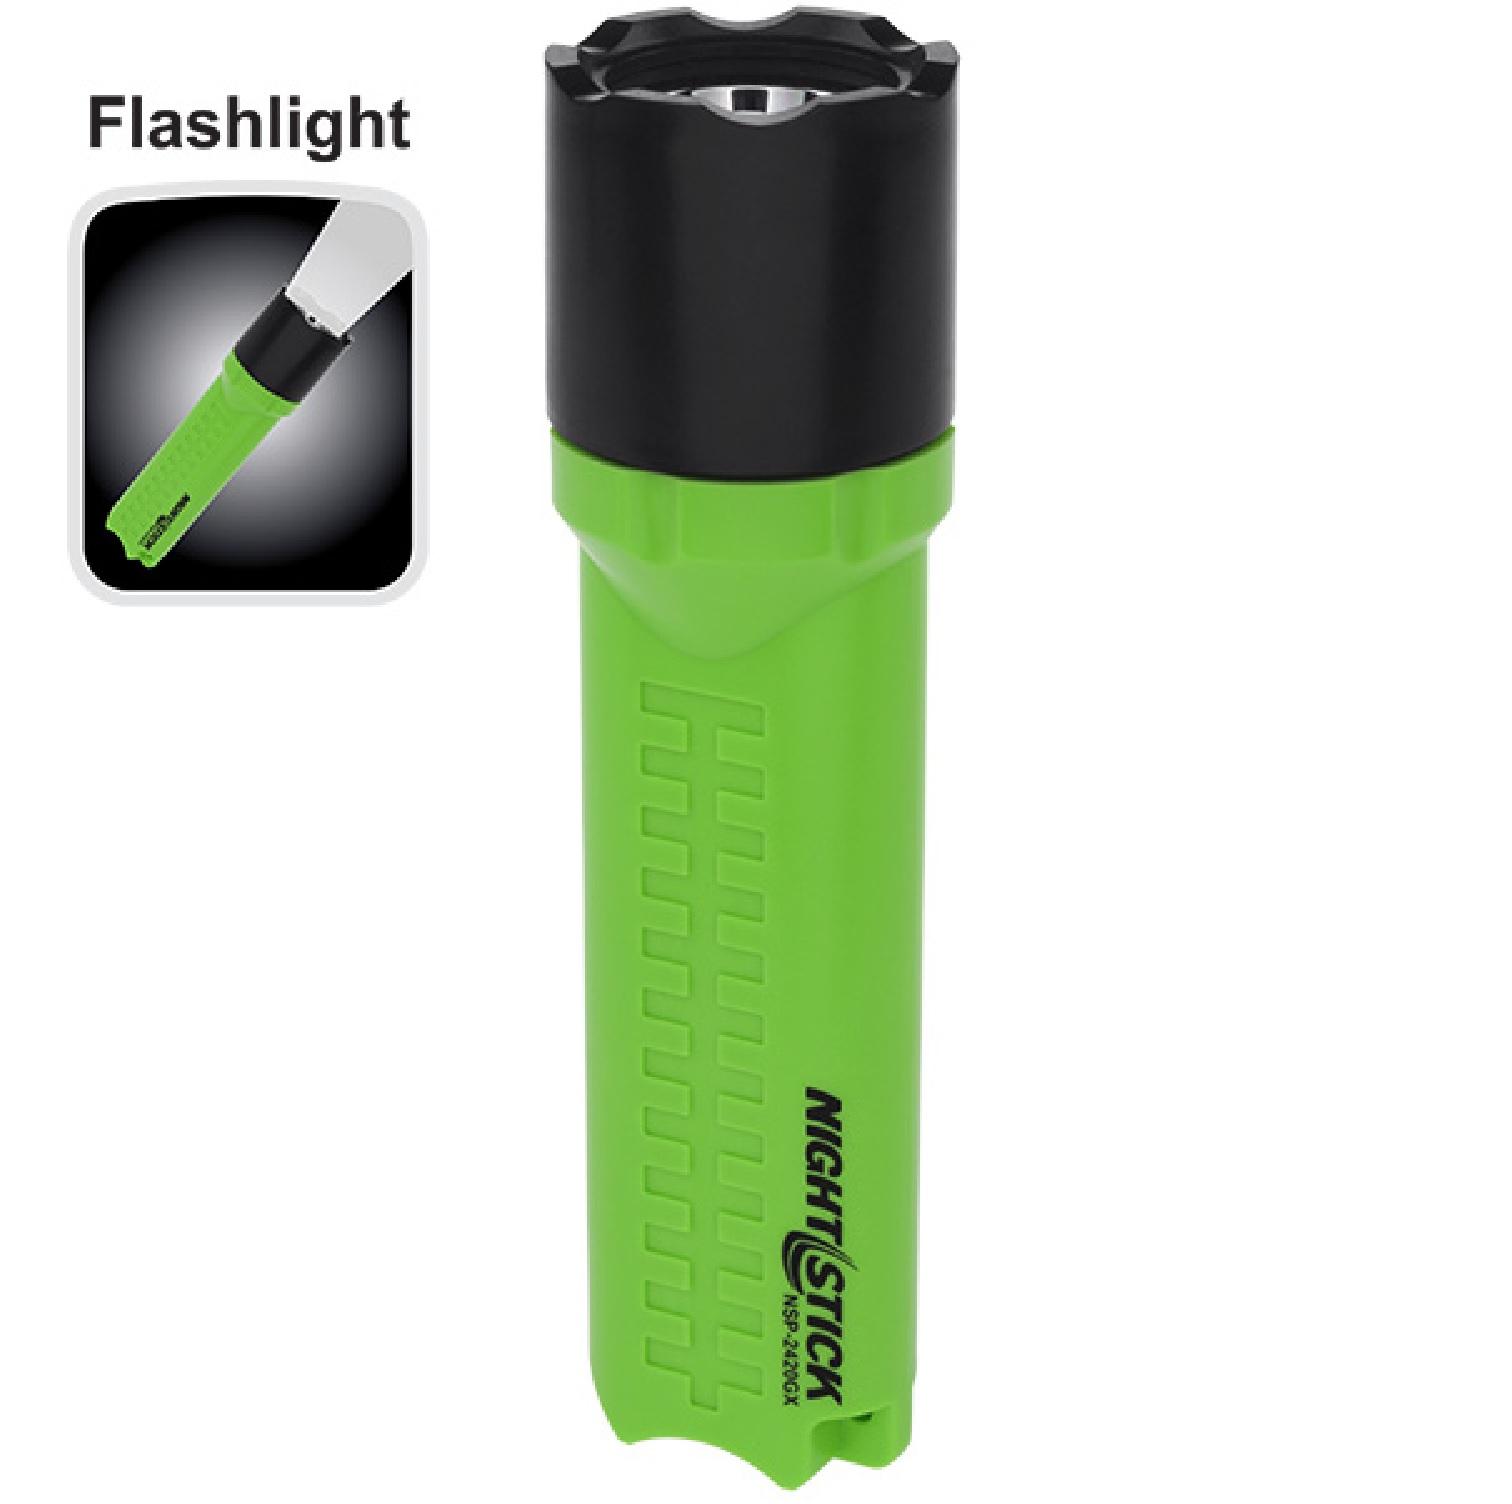 Nightstick NSP-2420GX X-Series Flashlight - 3 AA Green